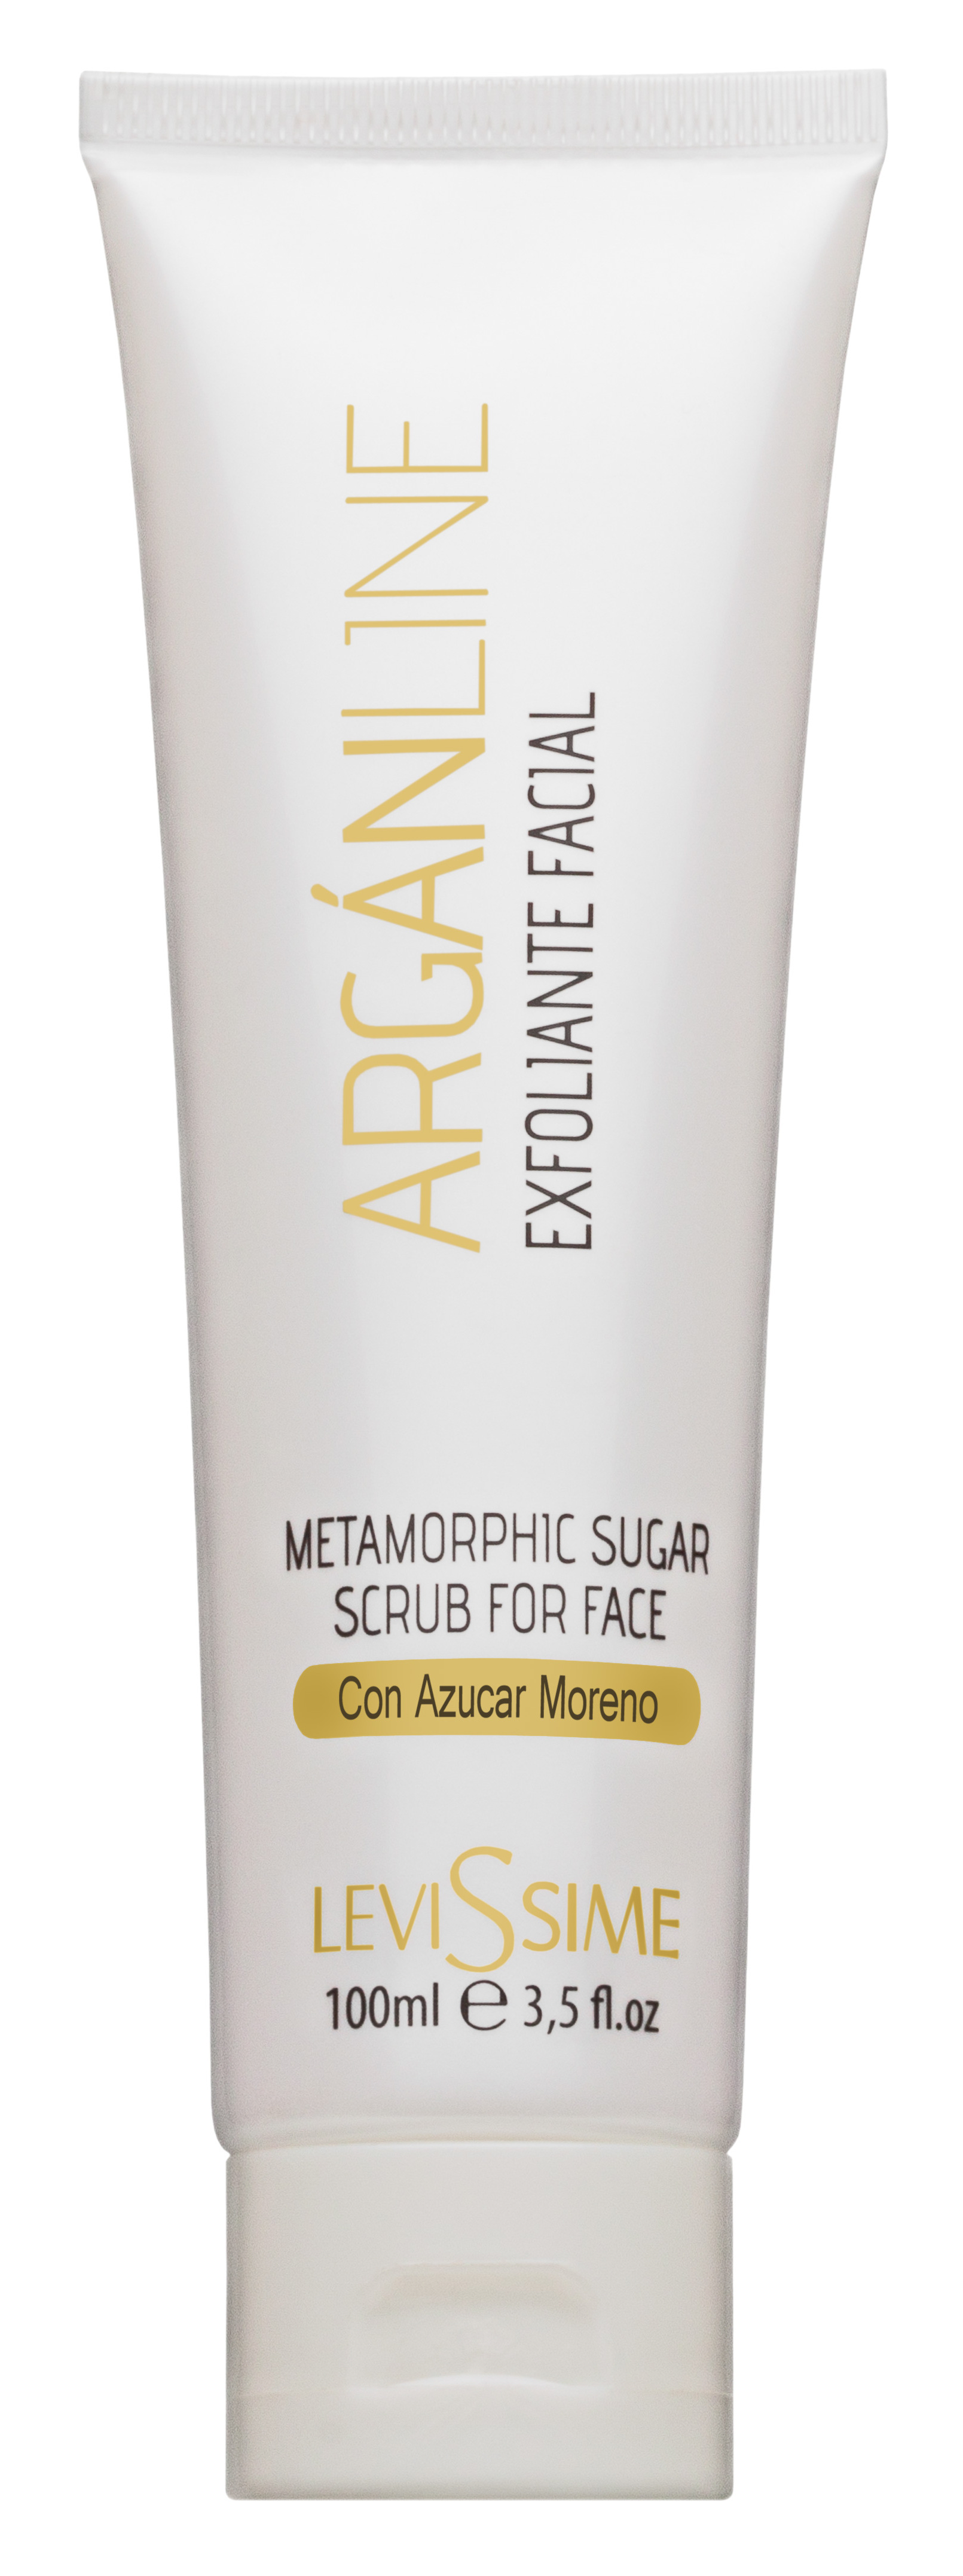 LEVISSIME Скраб сахарный метаморфный для лица / Metamorphic Sugar Scrub for Face 100 мл - Скрабы